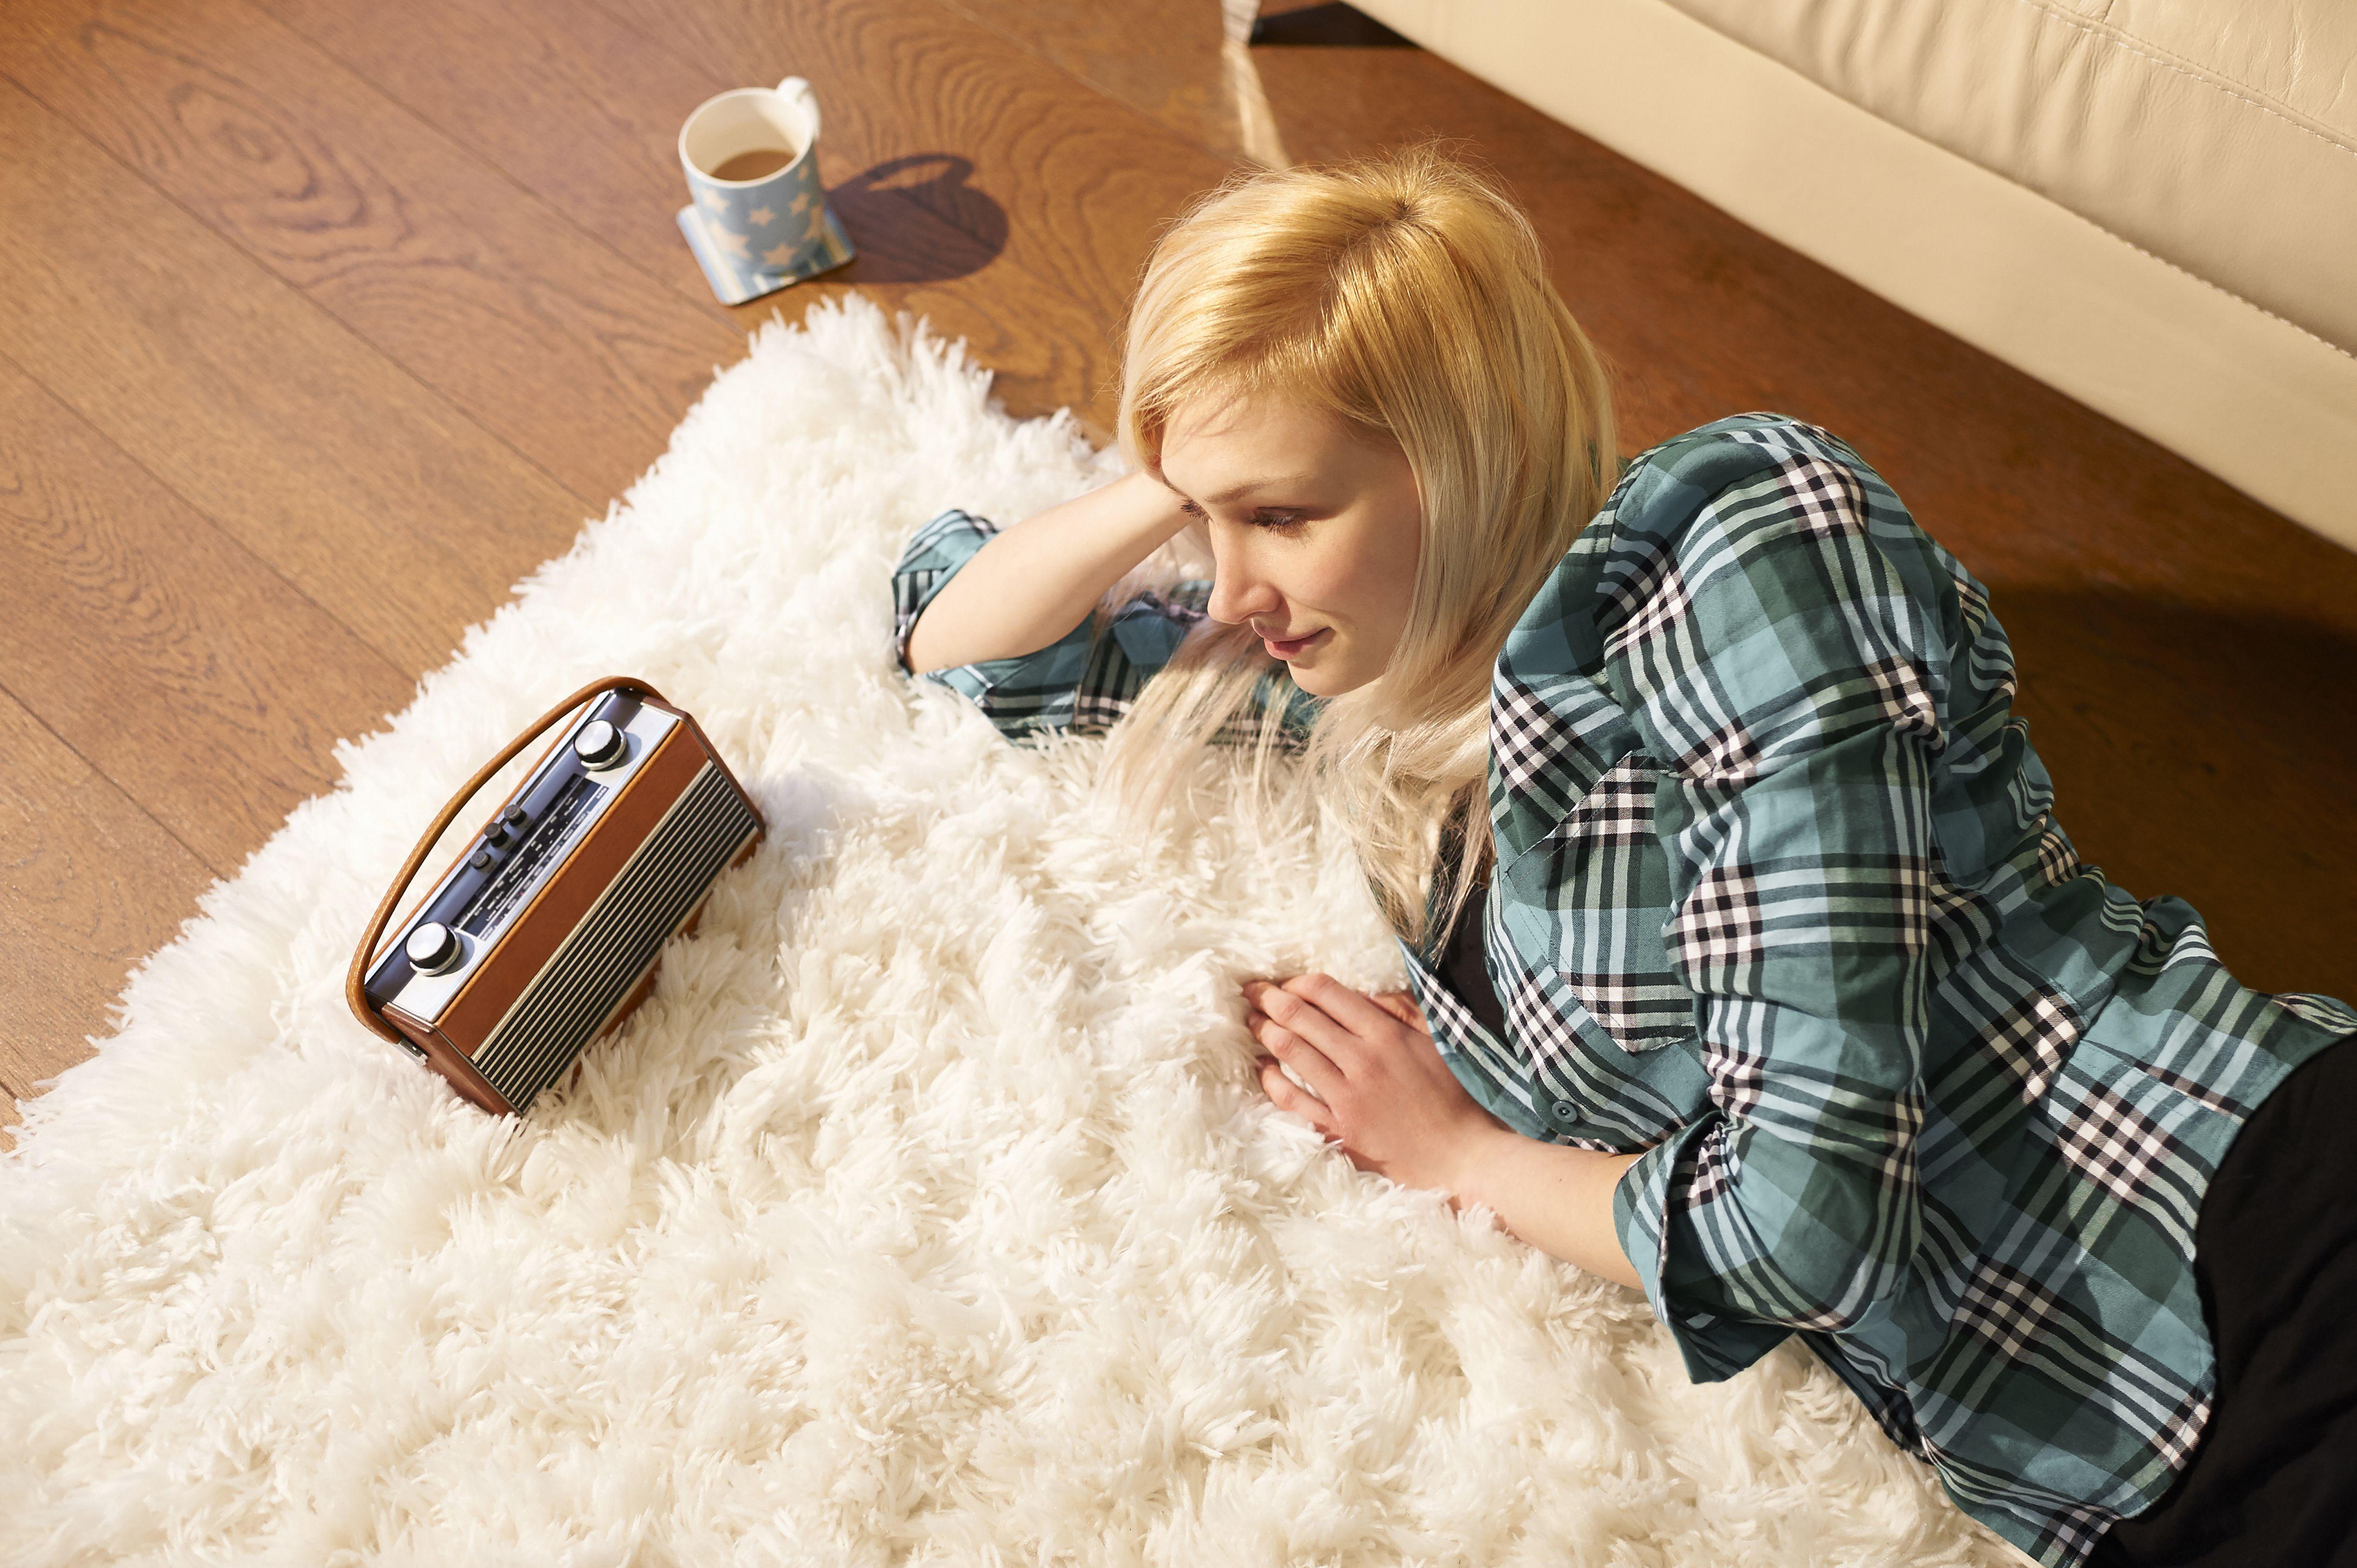 Une femme qui écoute la radio allongée sur un tapis en train d'écouter la radio